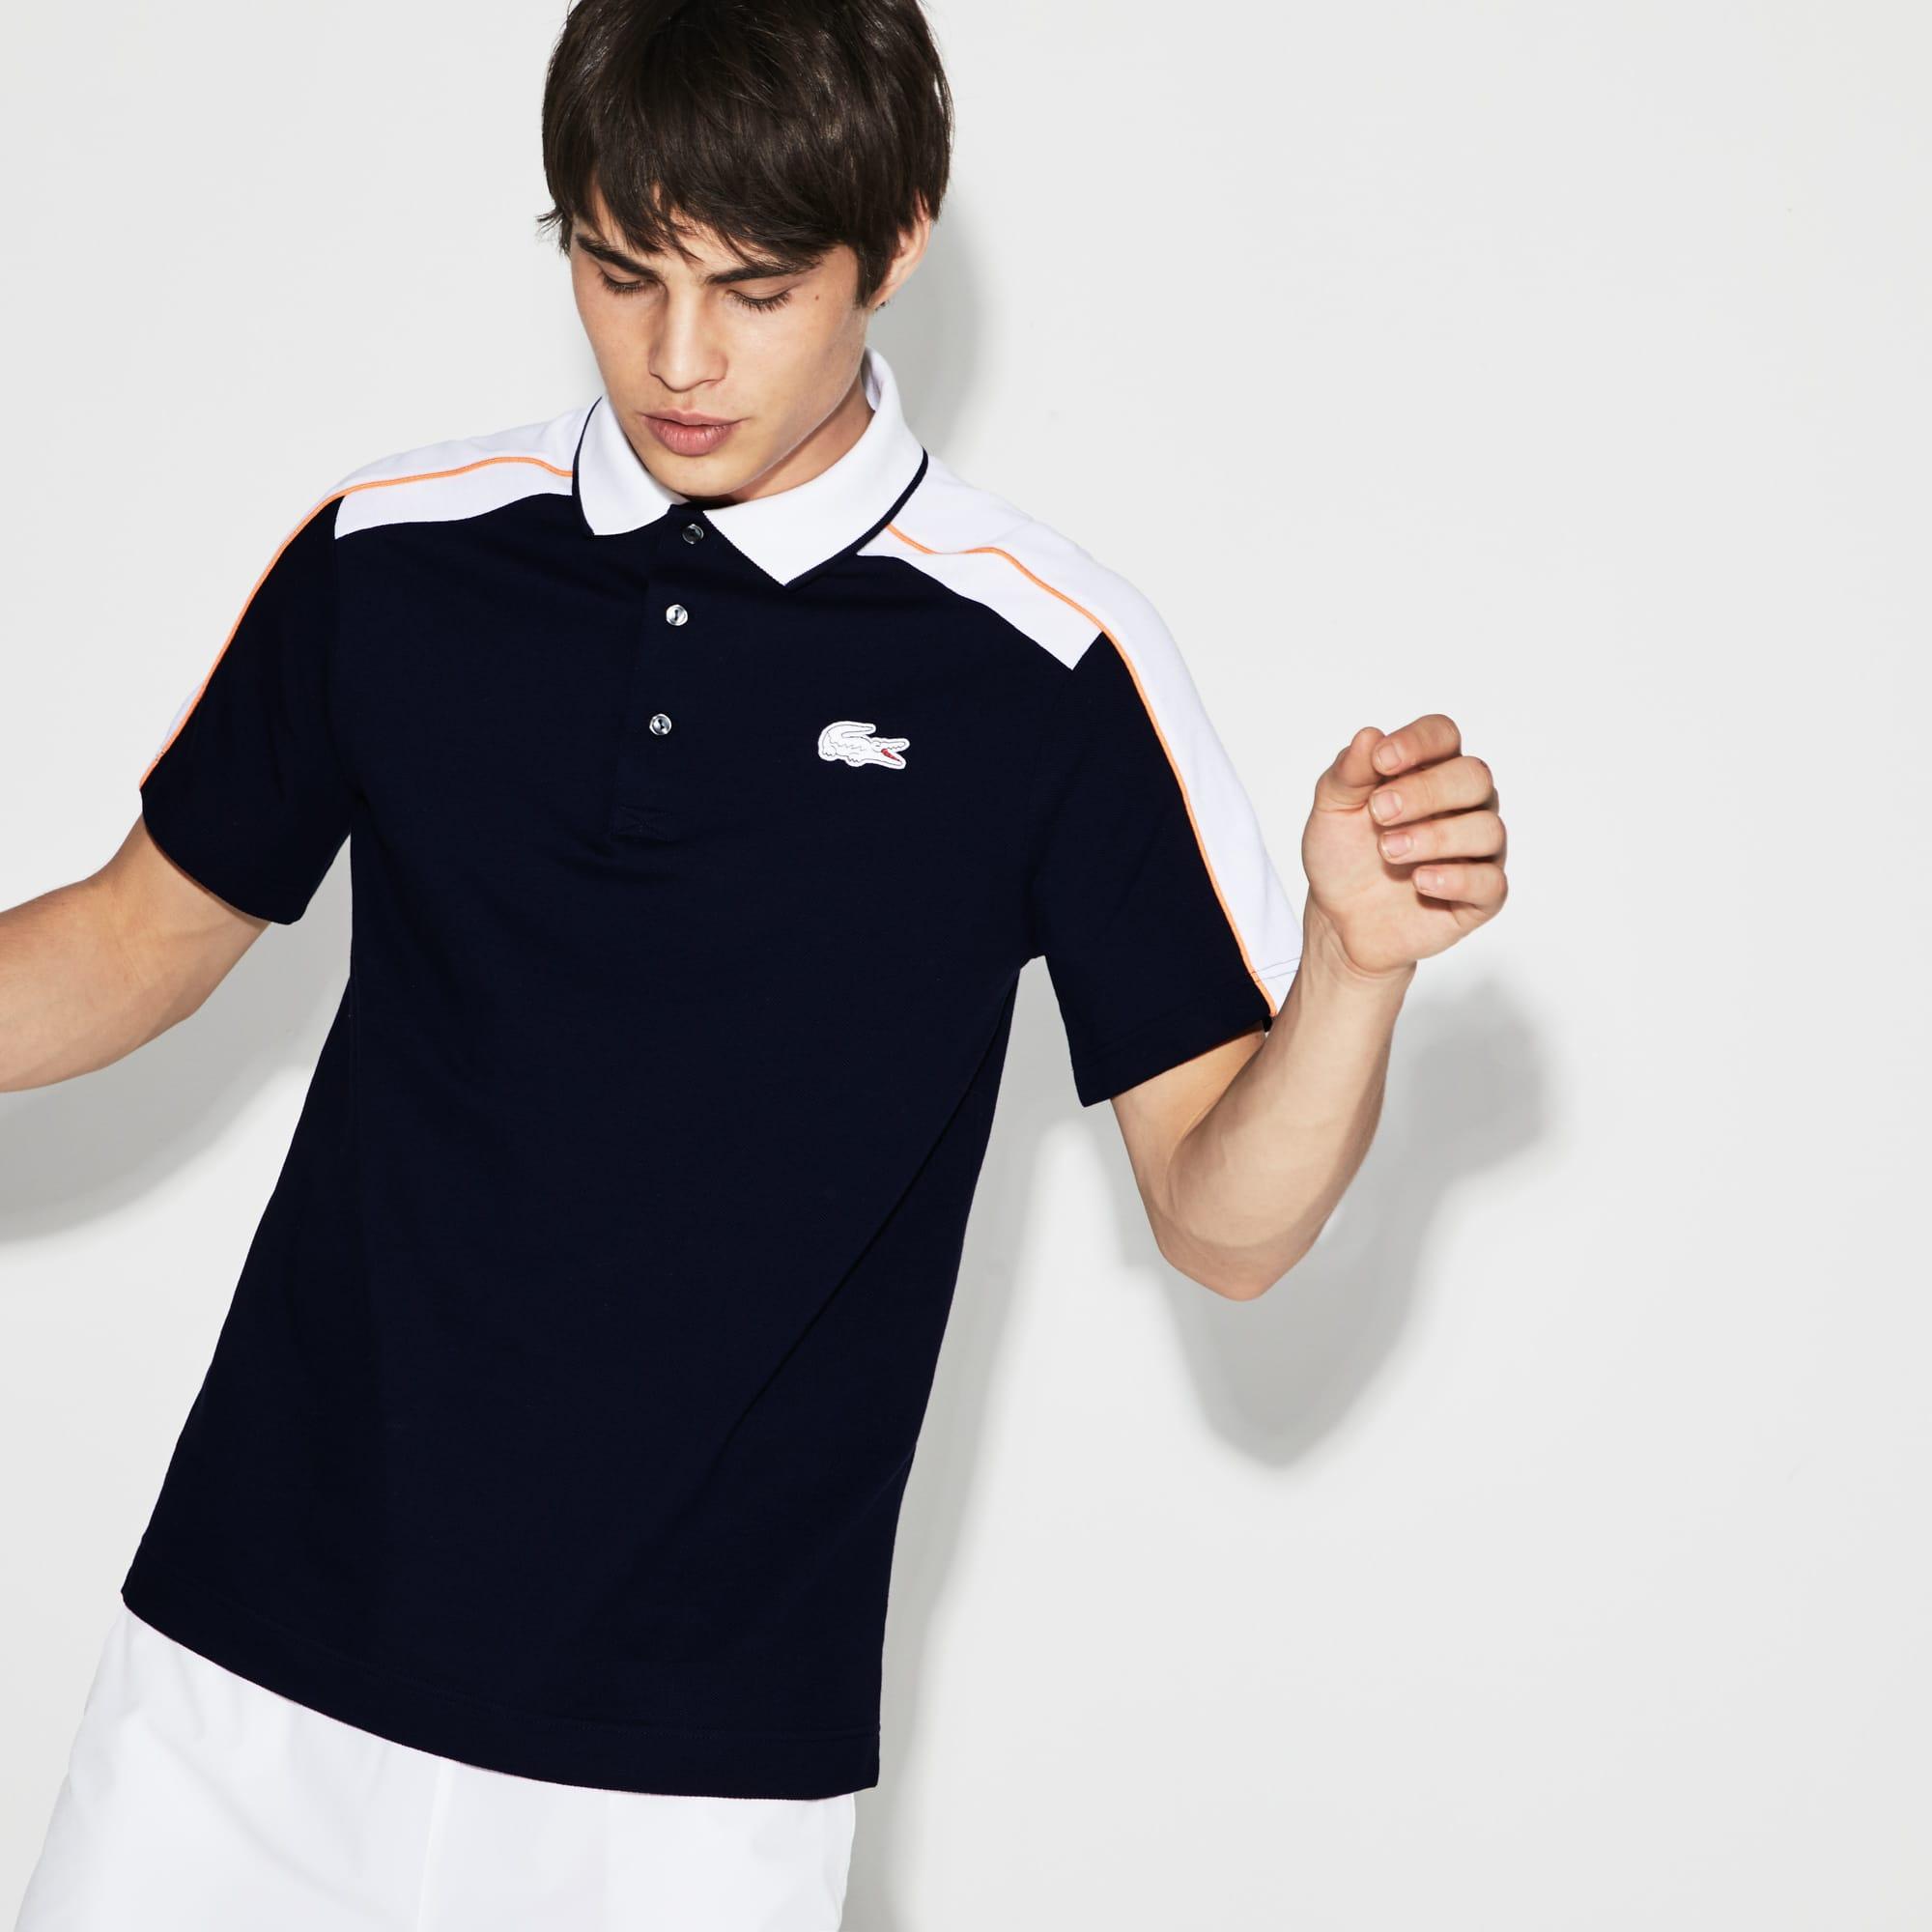 Men's Lacoste SPORT Roland Garros Edition Petit Piqué Polo Shirt